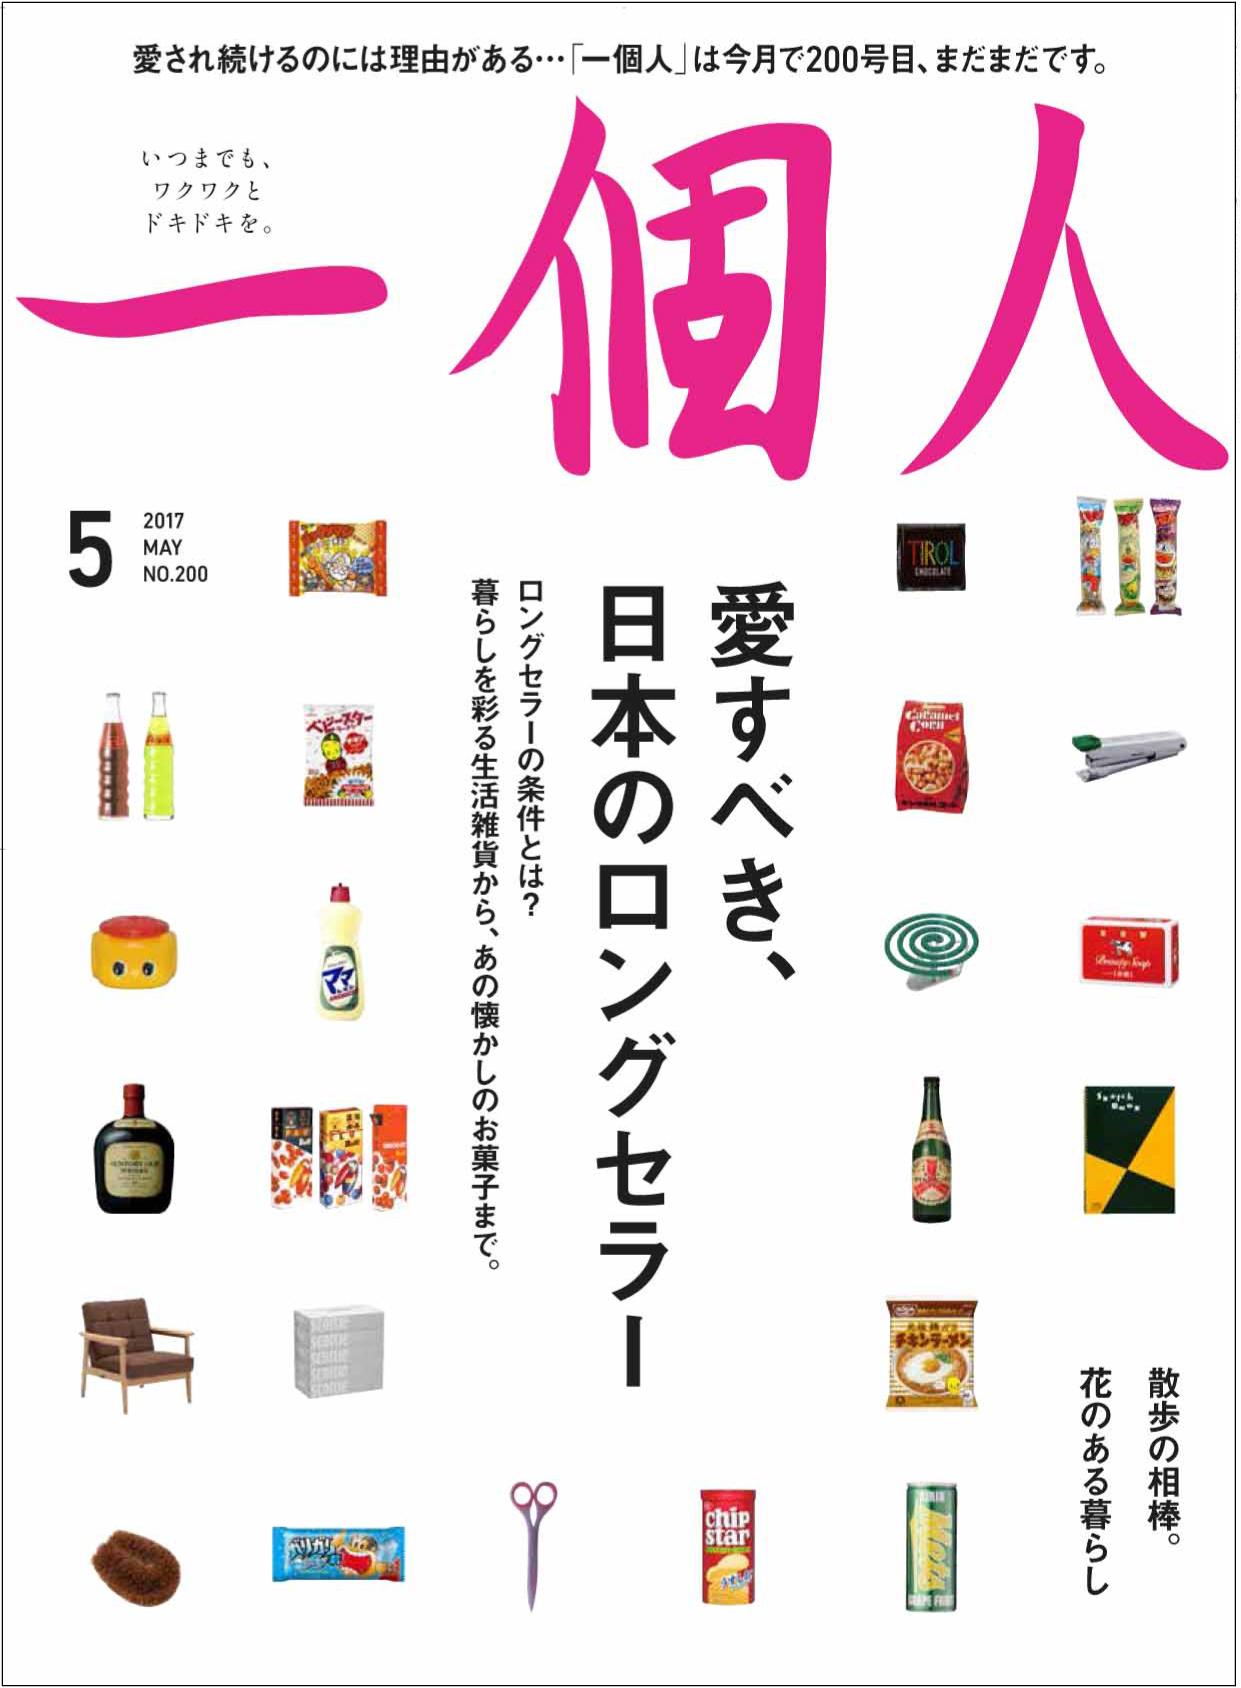 『一個人』200号記念特大号は「日本のロングセラー」を大特集!